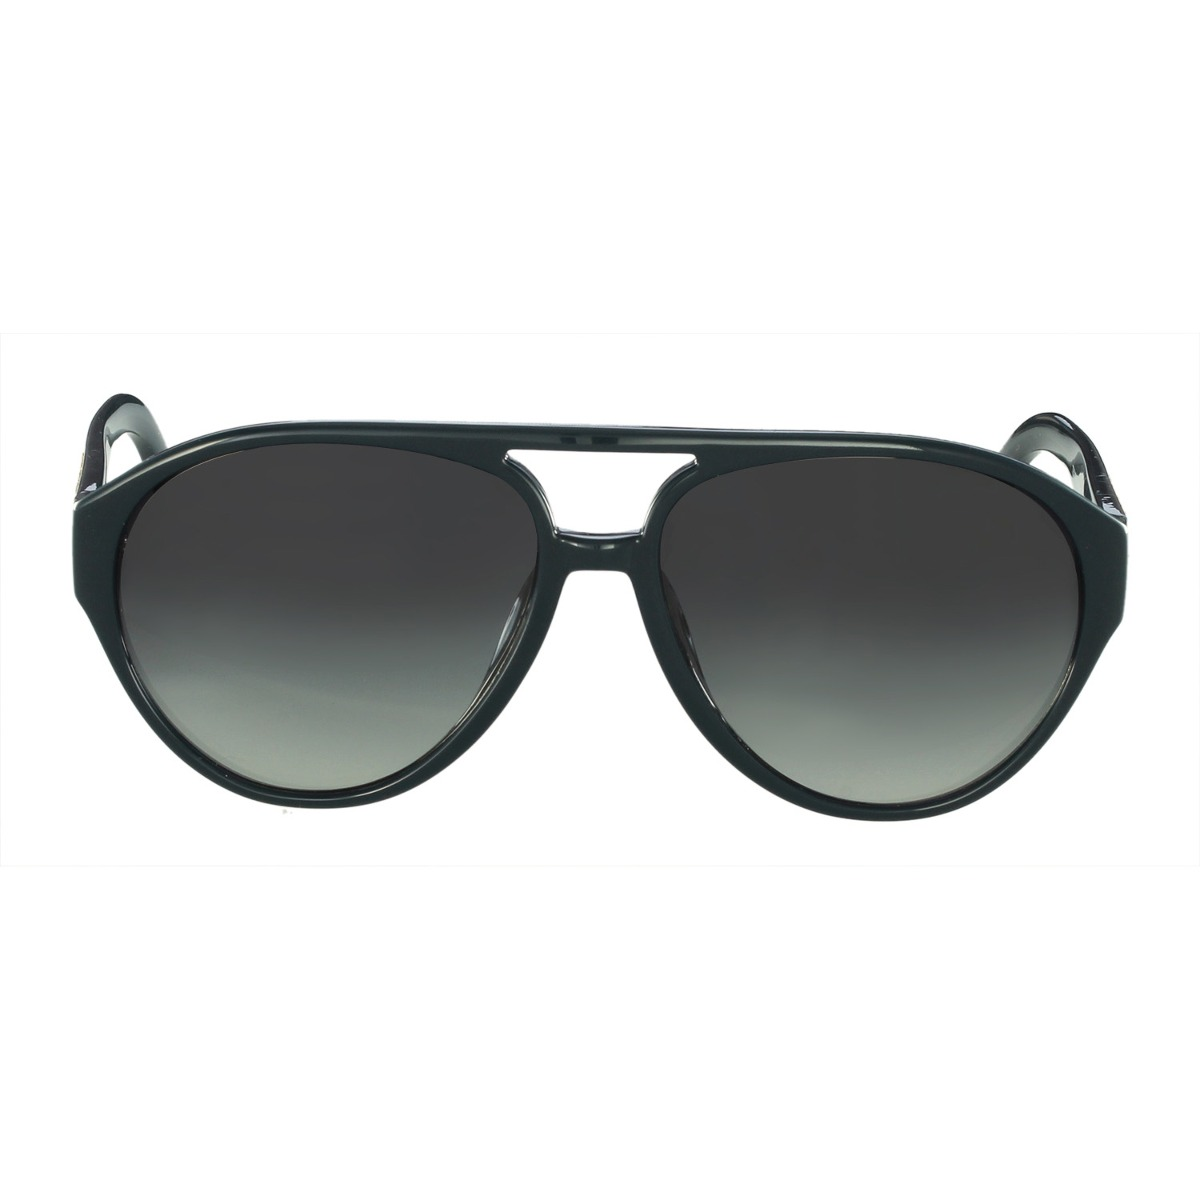 Óculos De Sol Timberland Casual Azul Tb2146 5996b - R  279,00 em ... 4dd28b03ce